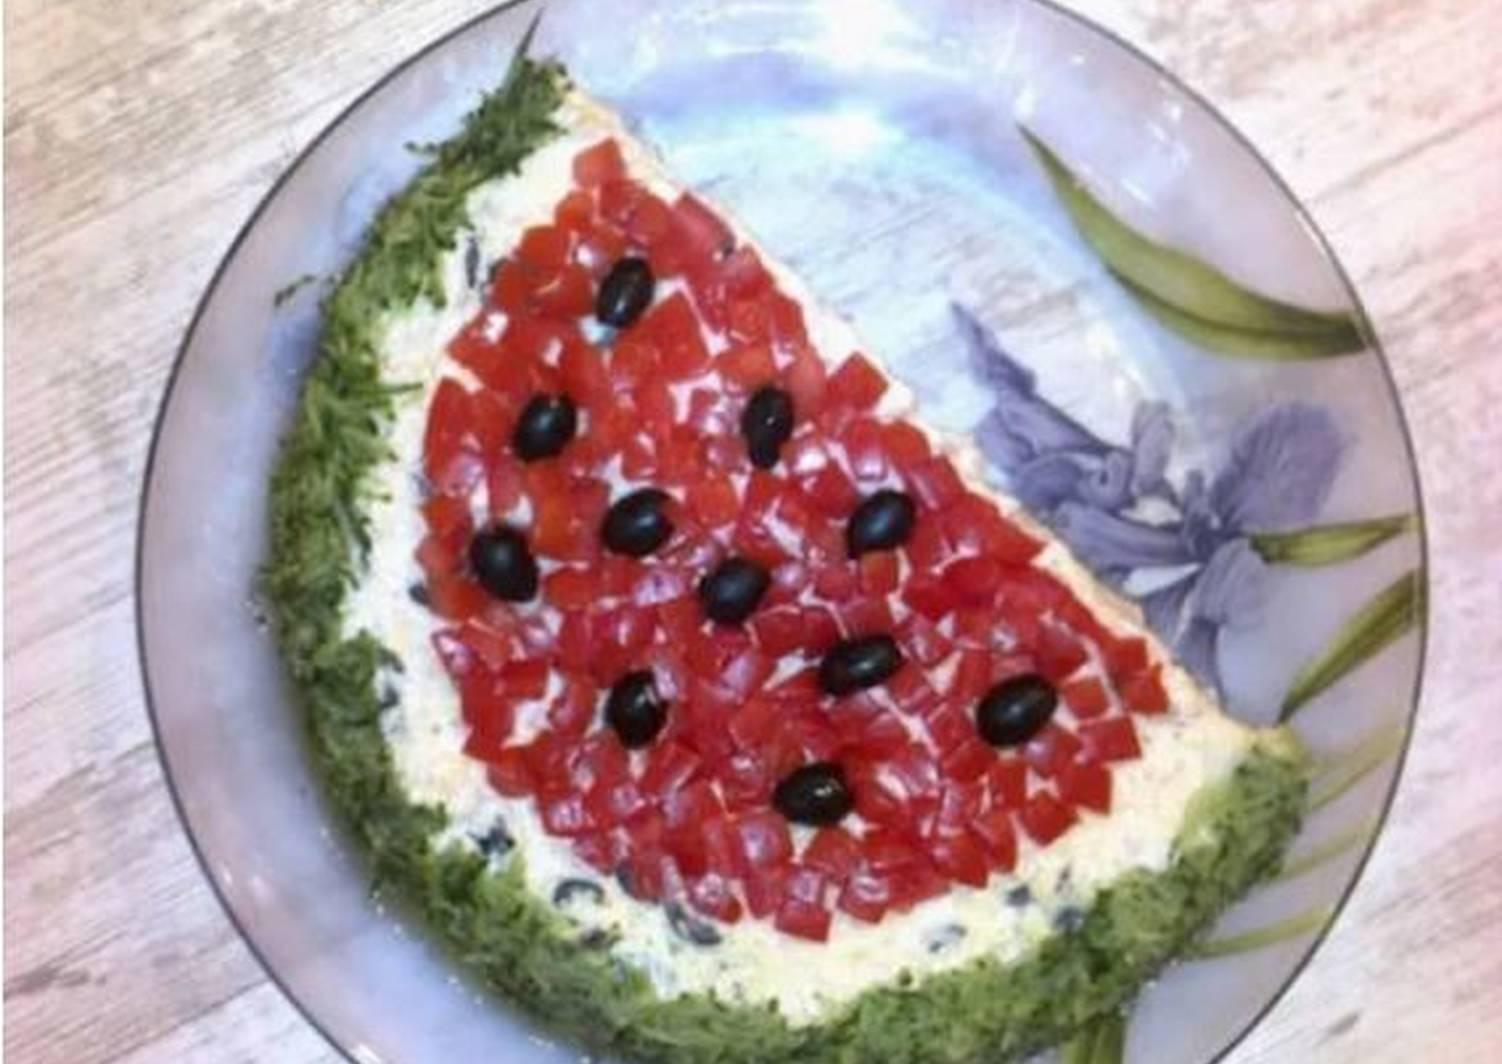 правильная салат арбузная долька с виноградом рецепт фото неканоническим